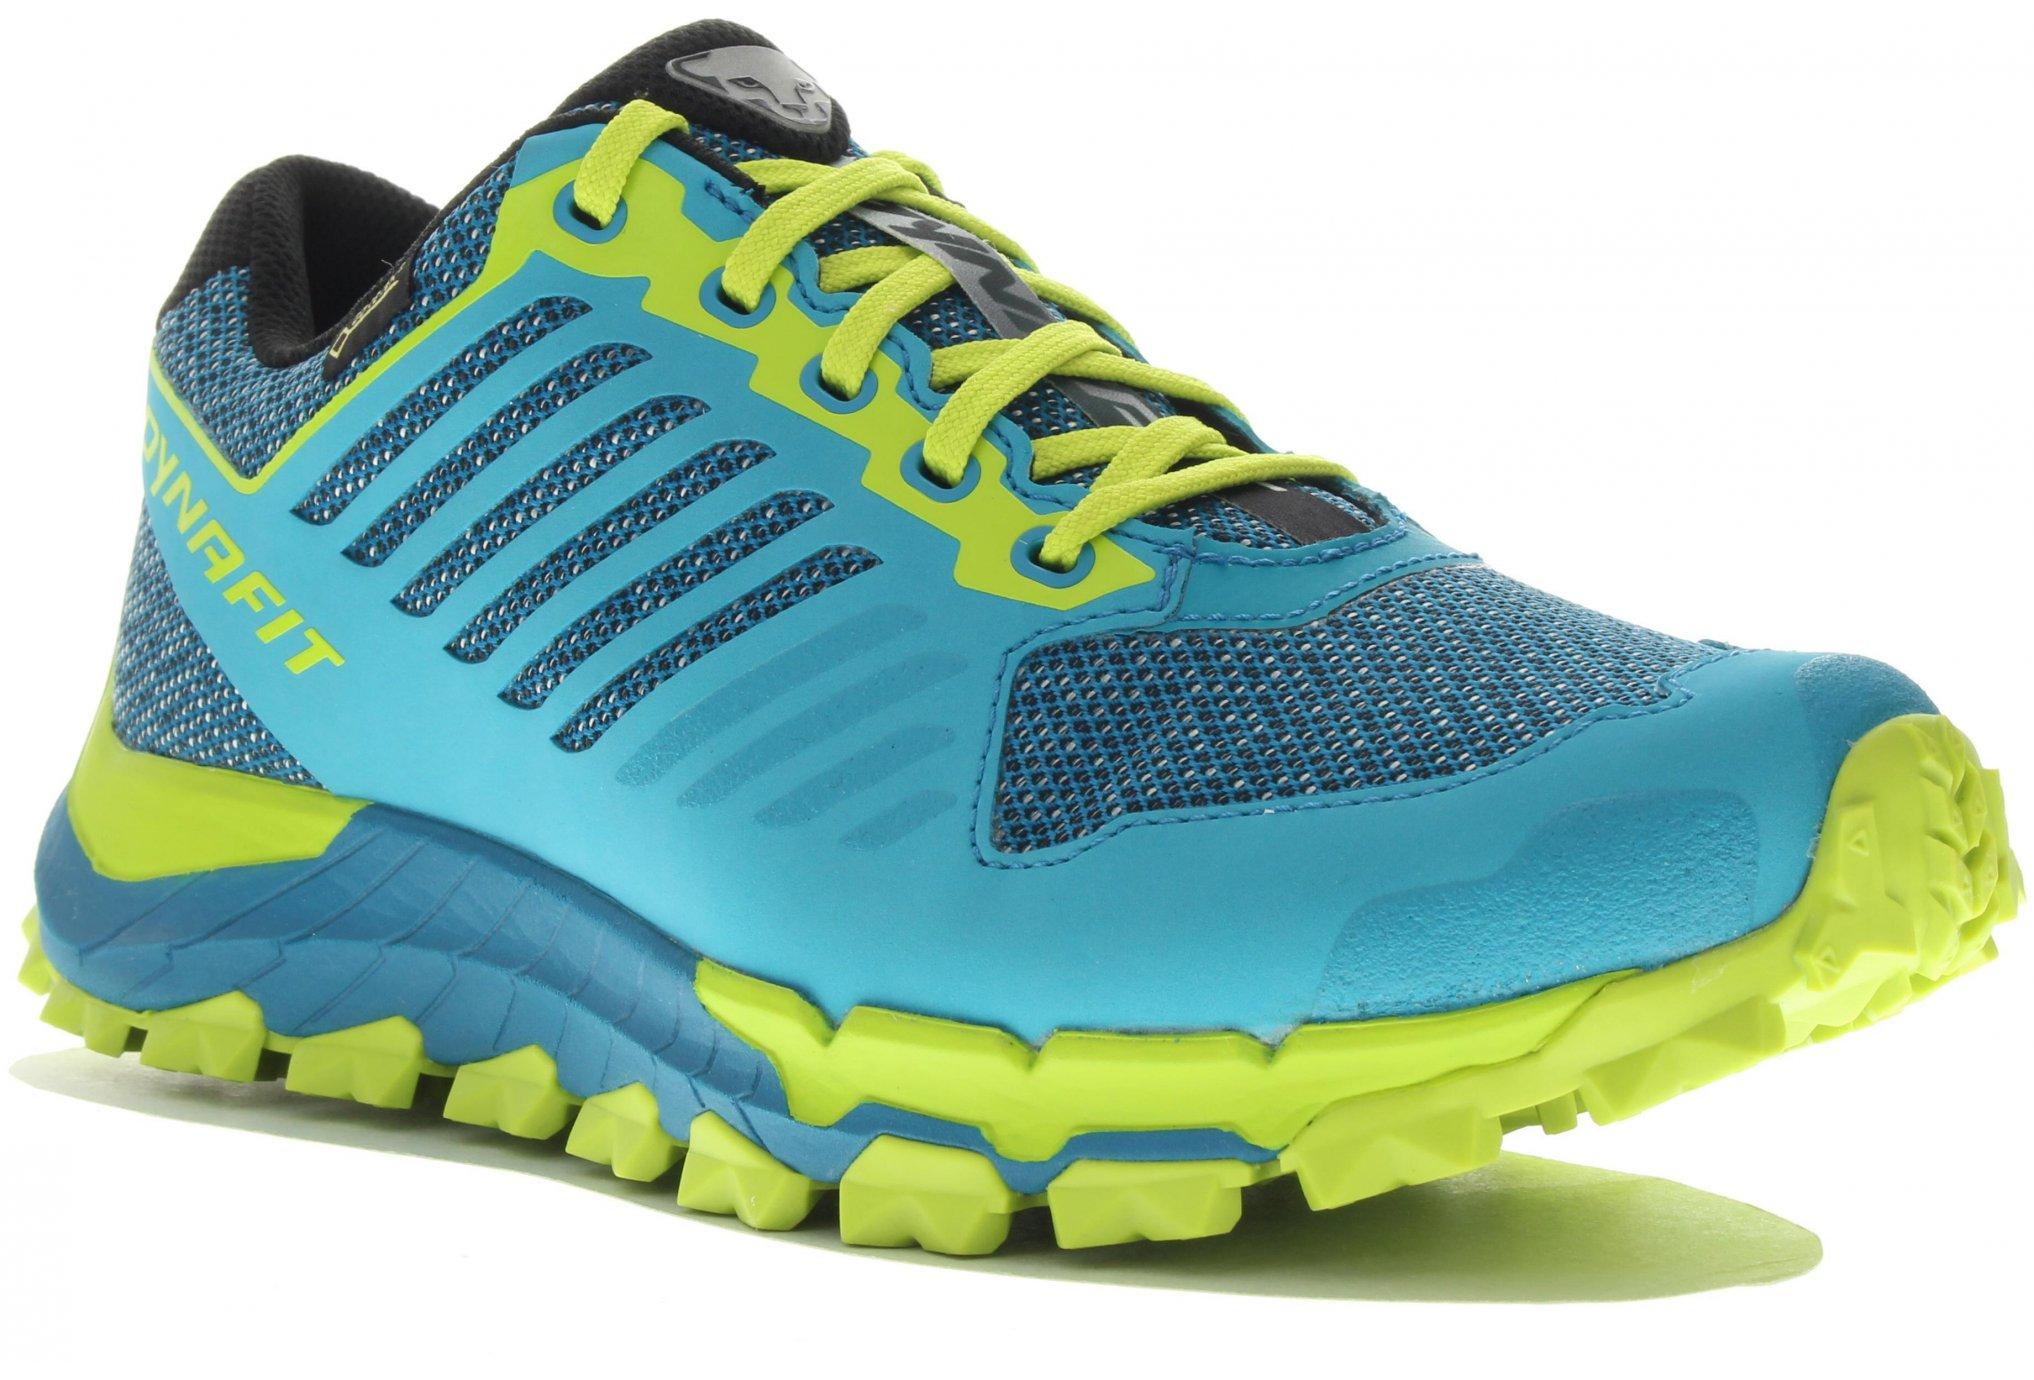 Dynafit Trailbreaker gore-Tex w diététique chaussures femme